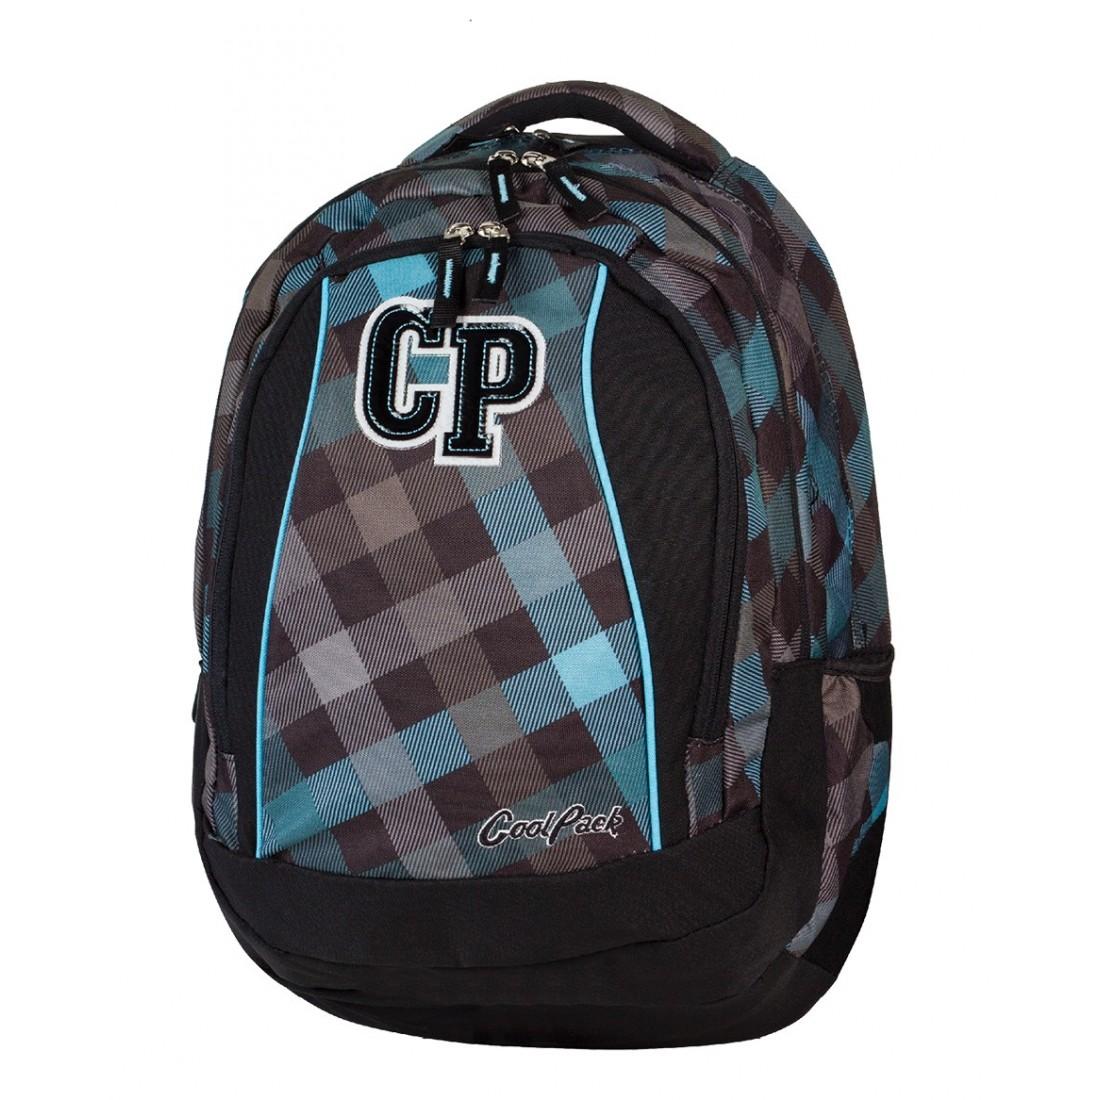 Plecak młodzieżowy CoolPack CP szary w kratkę - 3 przegrody STUDENT CLASSIC GREY 486 - plecak-tornister.pl